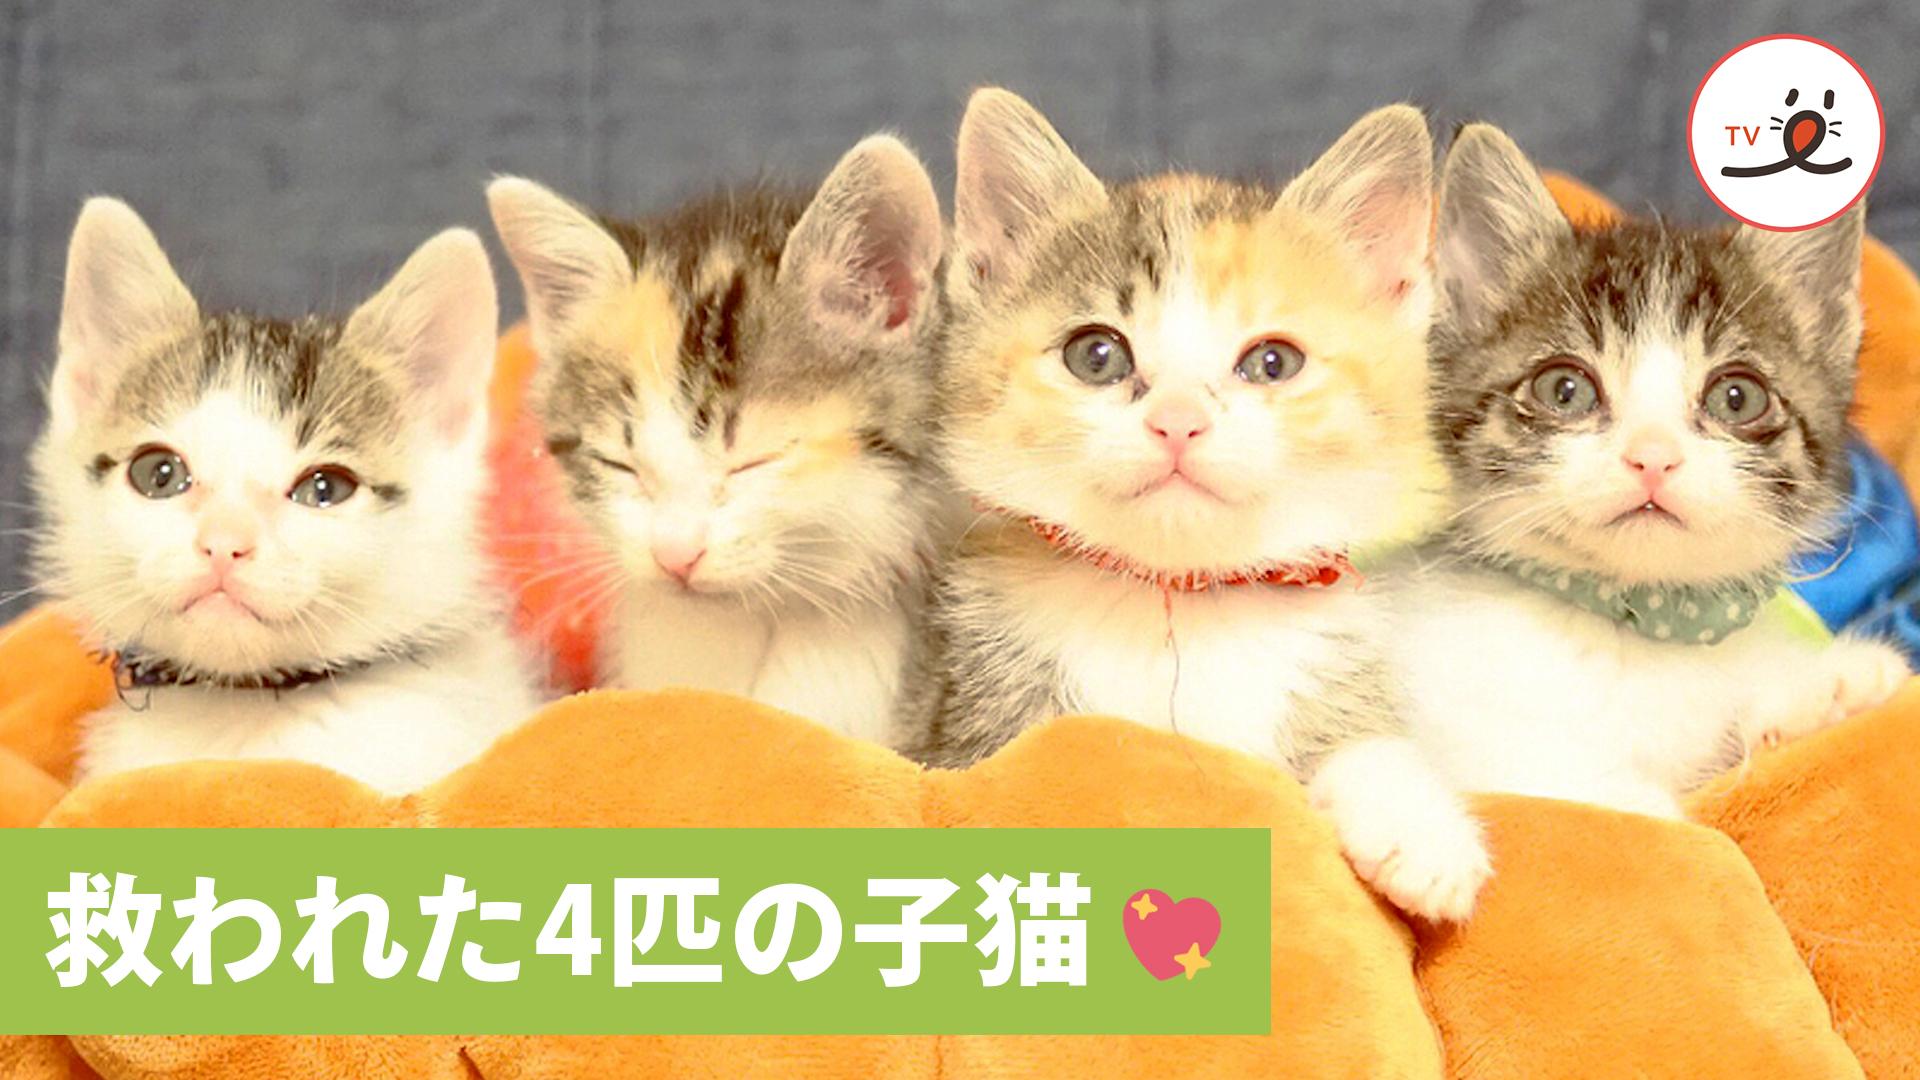 大雨の中、保護された4匹の子猫☔️ 6匹の先住ネコに愛を注がれて💖